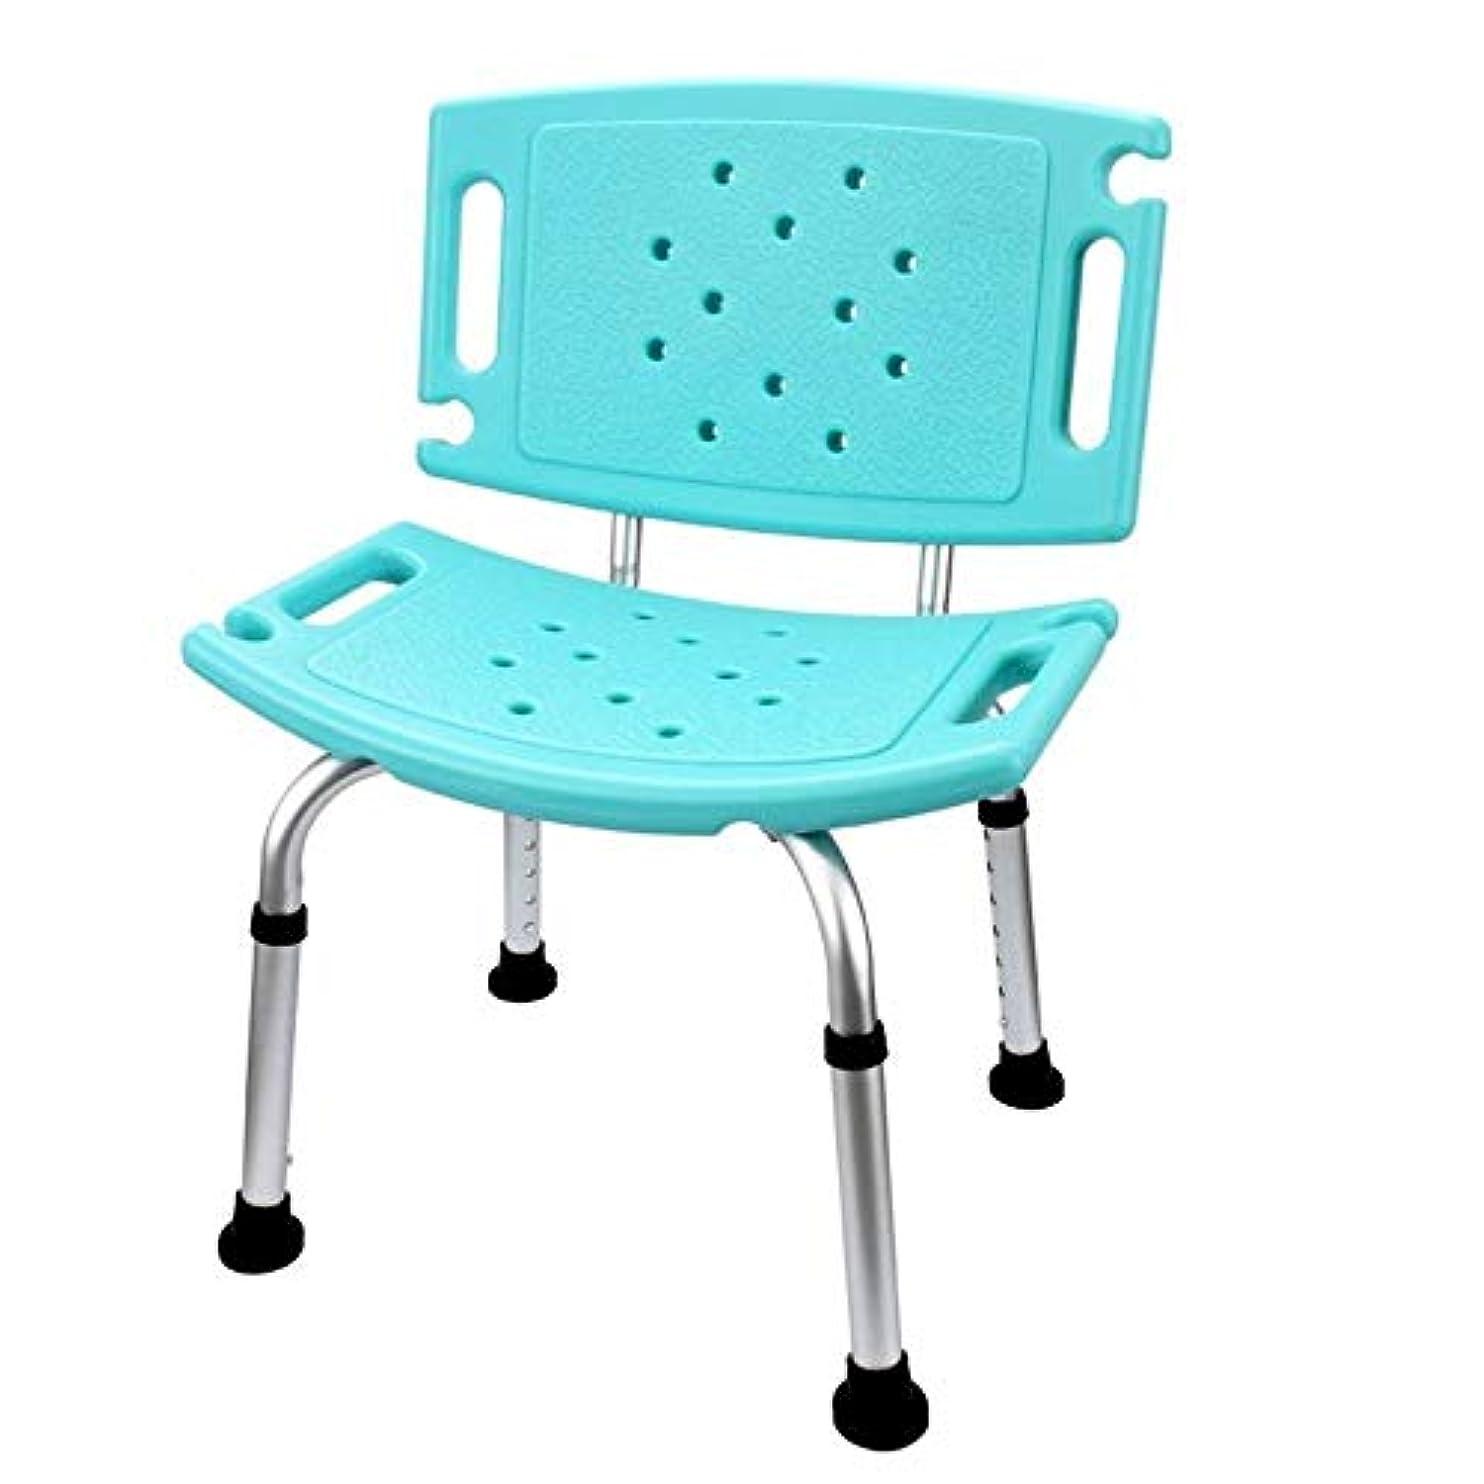 ハーブフェロー諸島お手入れ背部およびシャワー?ヘッドのホールダーが付いているデラックスな高さの調節可能なアルミニウムBath/シャワーの椅子